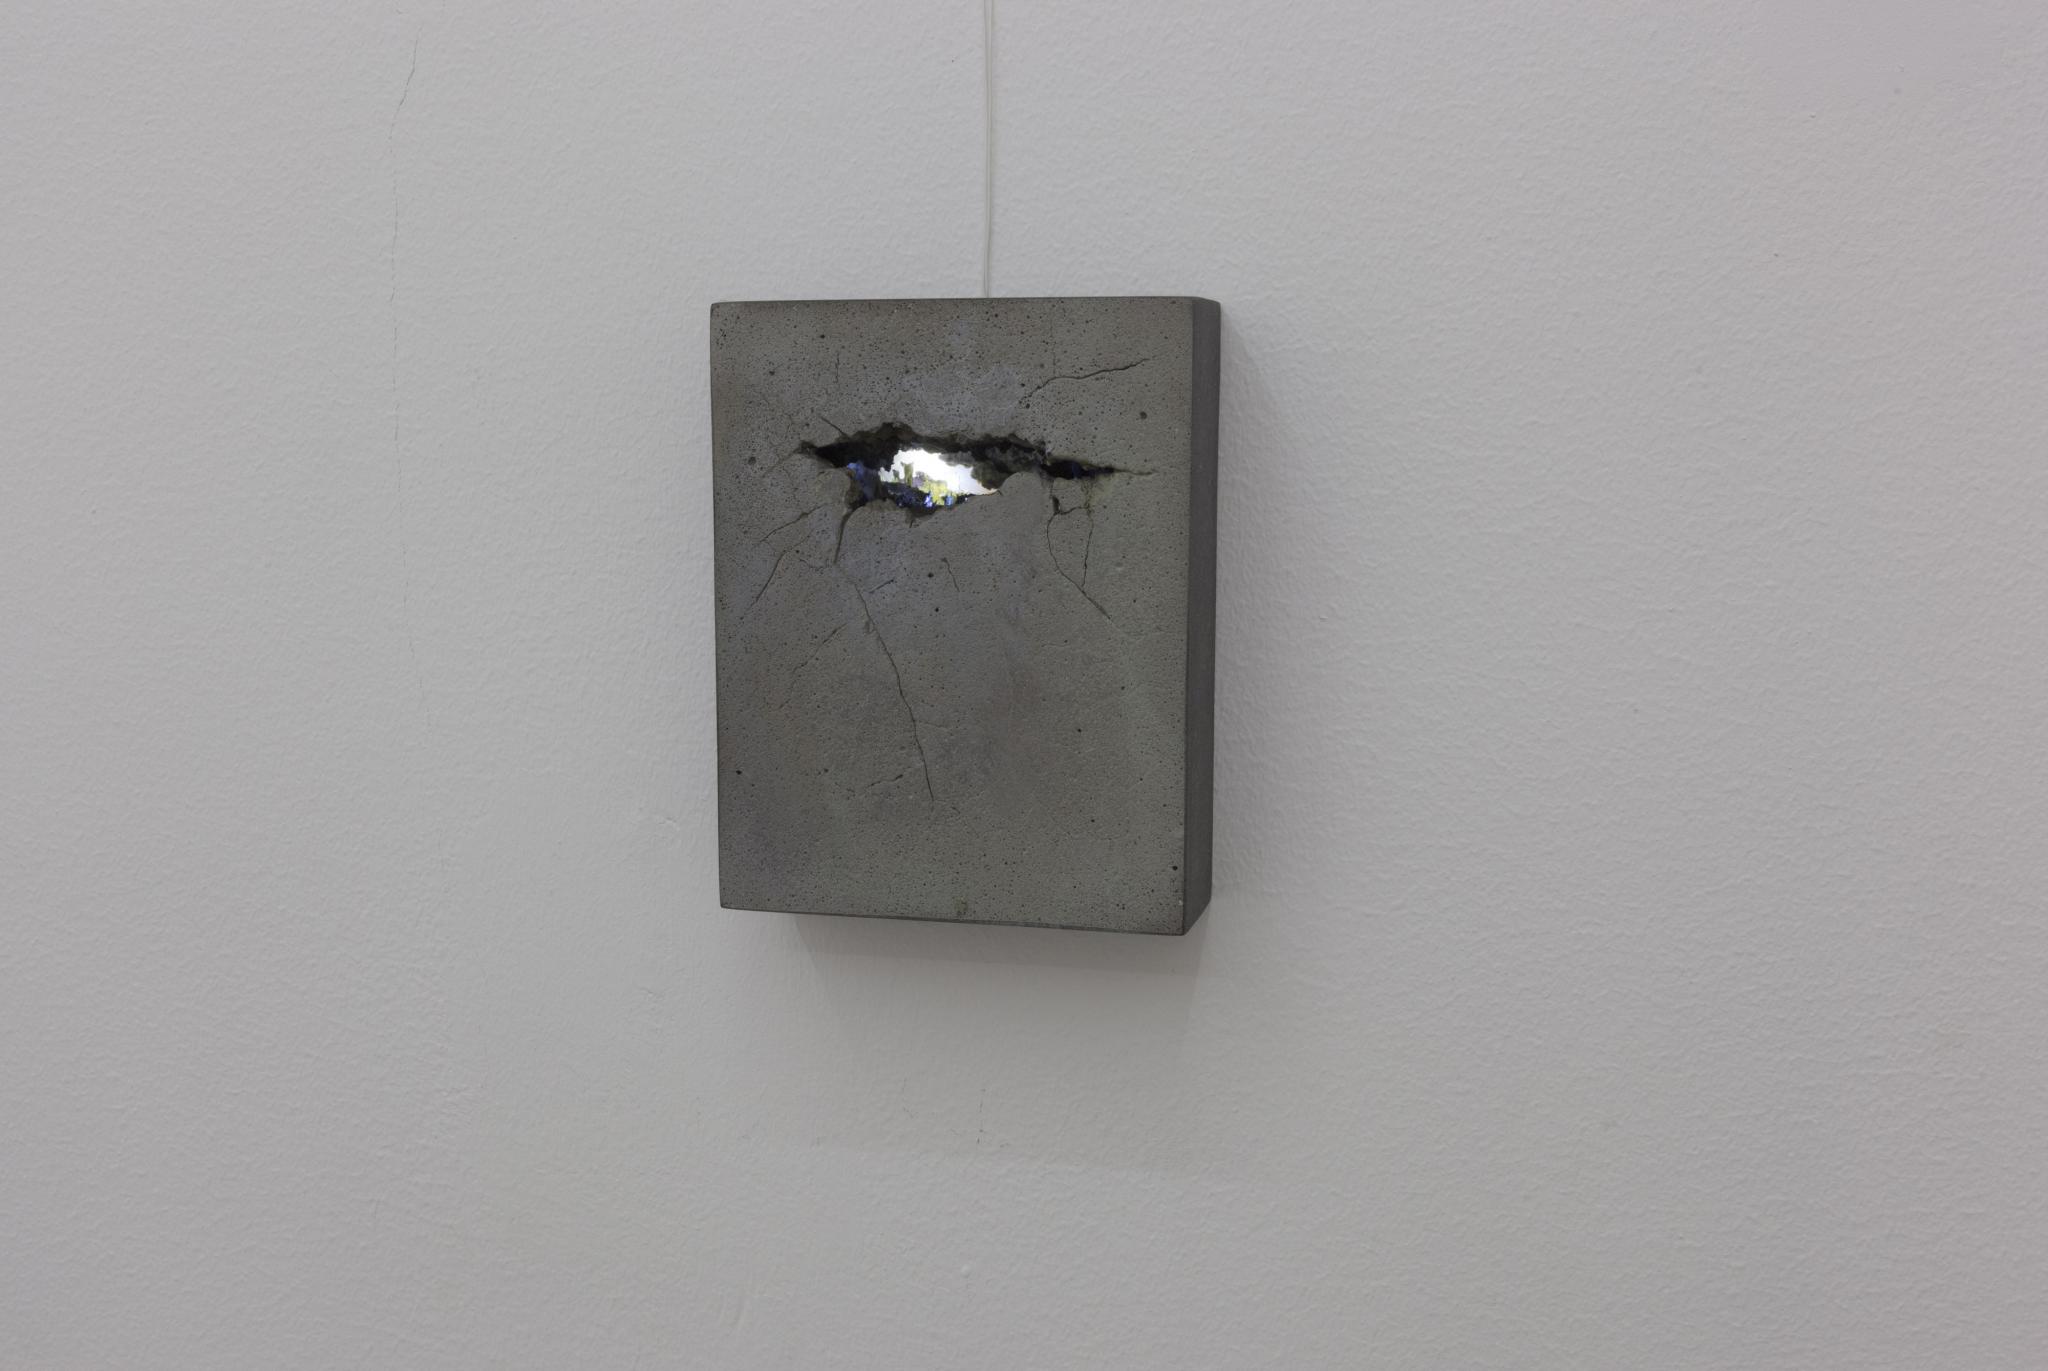 Oscar Furbacken - Weatherings, detail, 2015